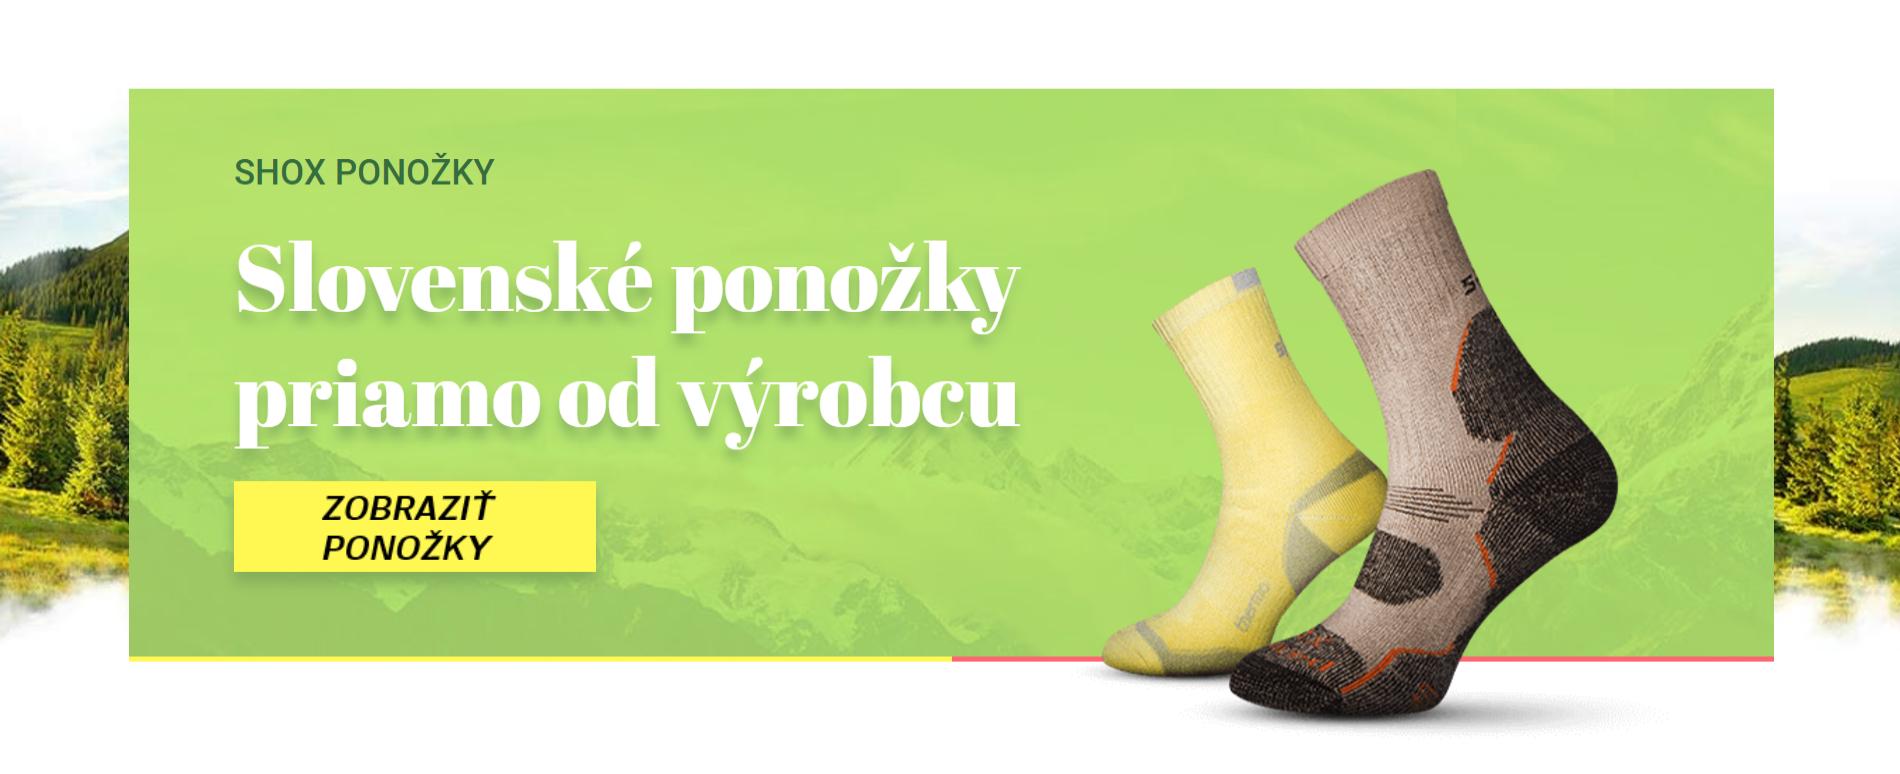 https://www.budchlap.sk/Ponozky/